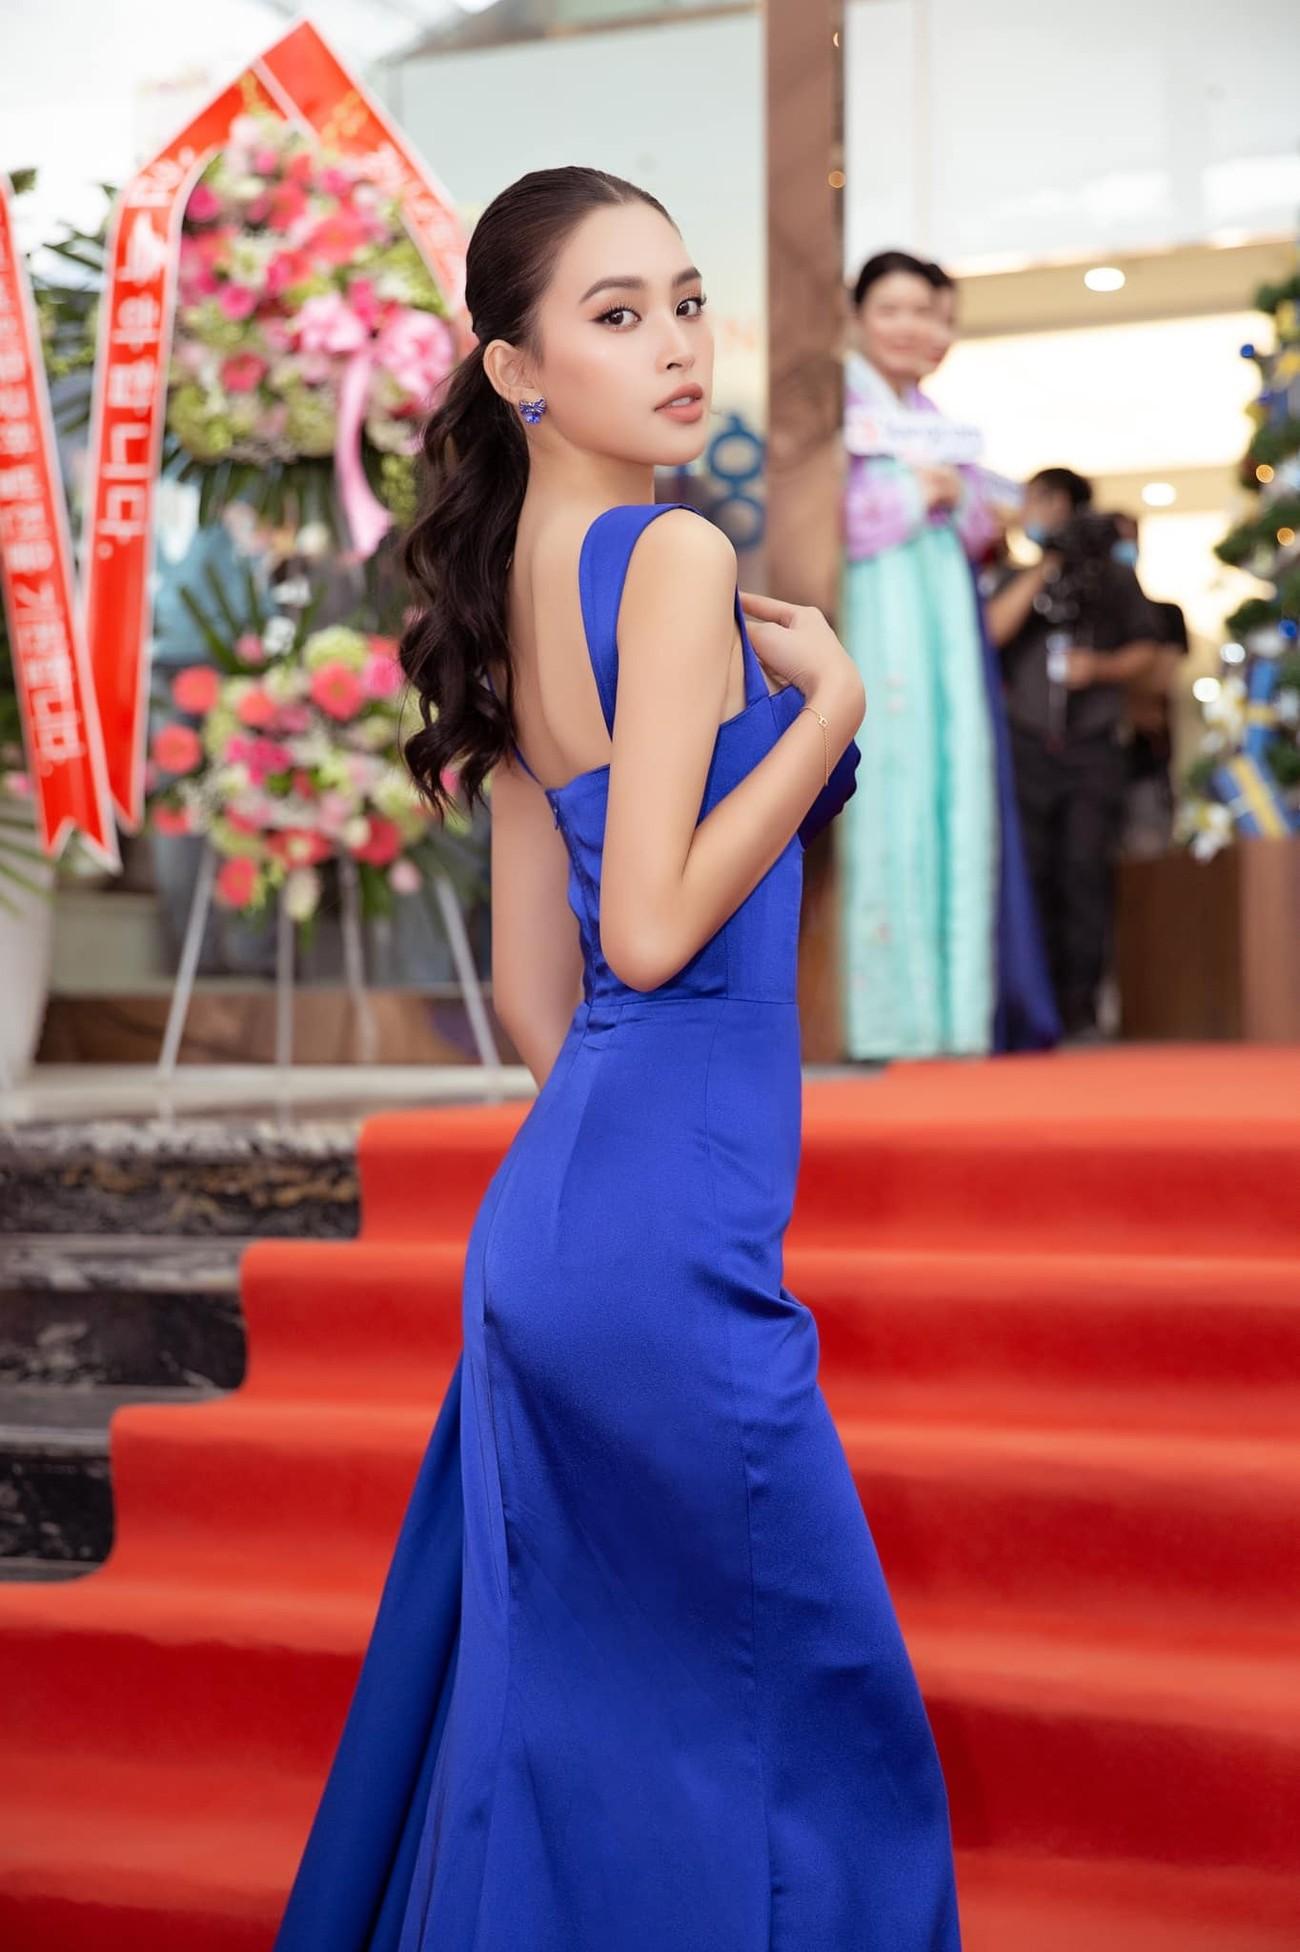 Tiểu Vy, Lương Thuỳ Linh diện váy cắt xẻ táo bạo khoe đường cong đẹp mắt ảnh 5